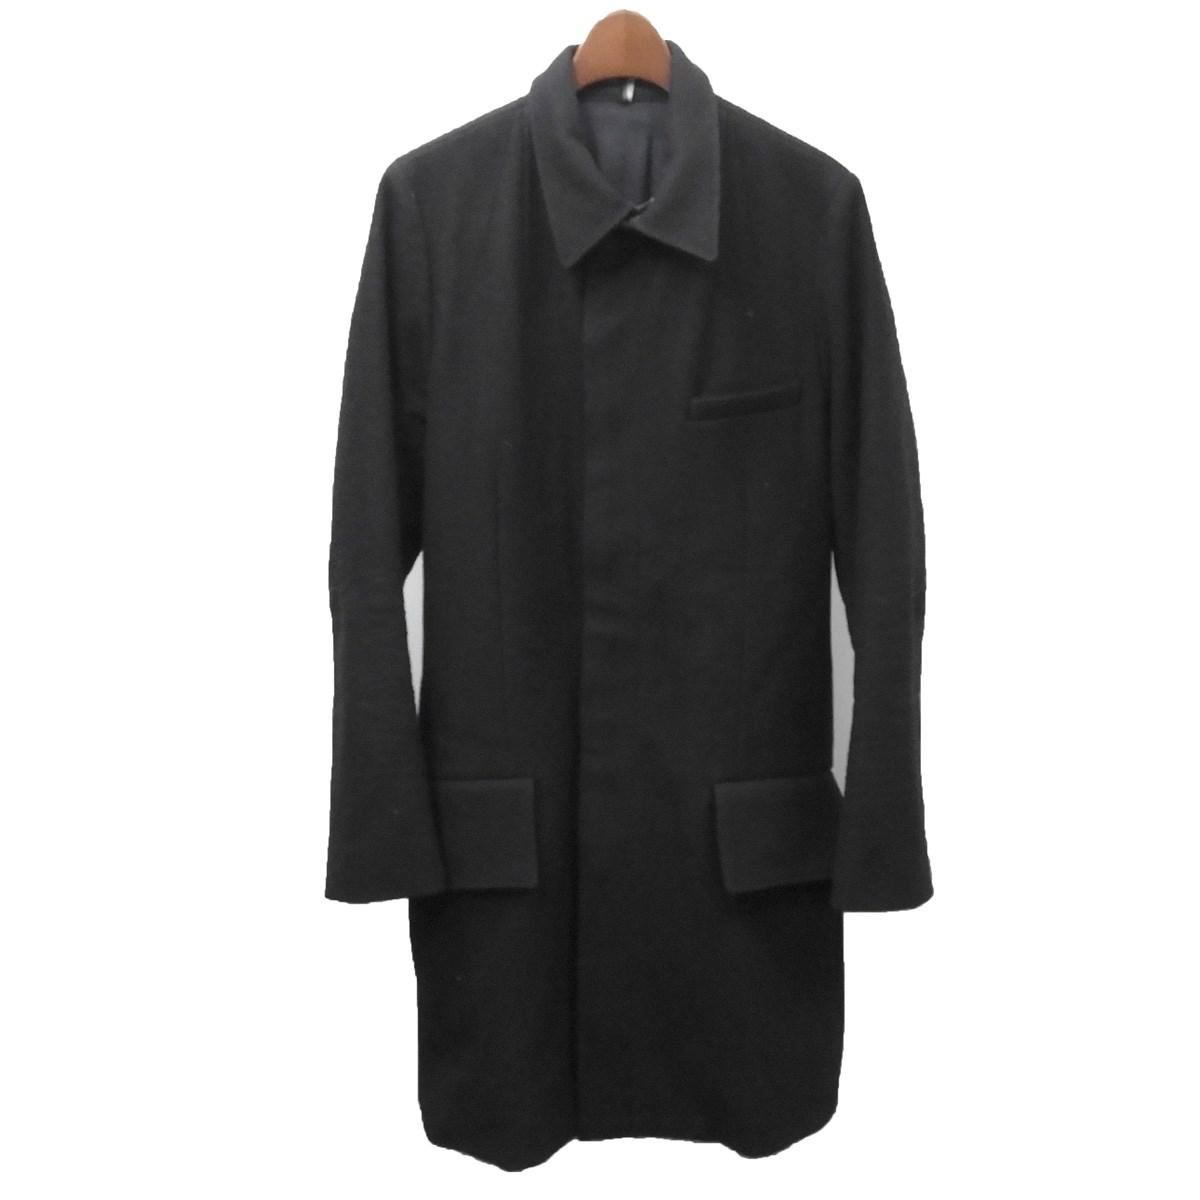 【中古】Dior Homme 2003AW ラスター期 ステッチステンカラーコート ブラック サイズ:48 【260320】(ディオールオム)